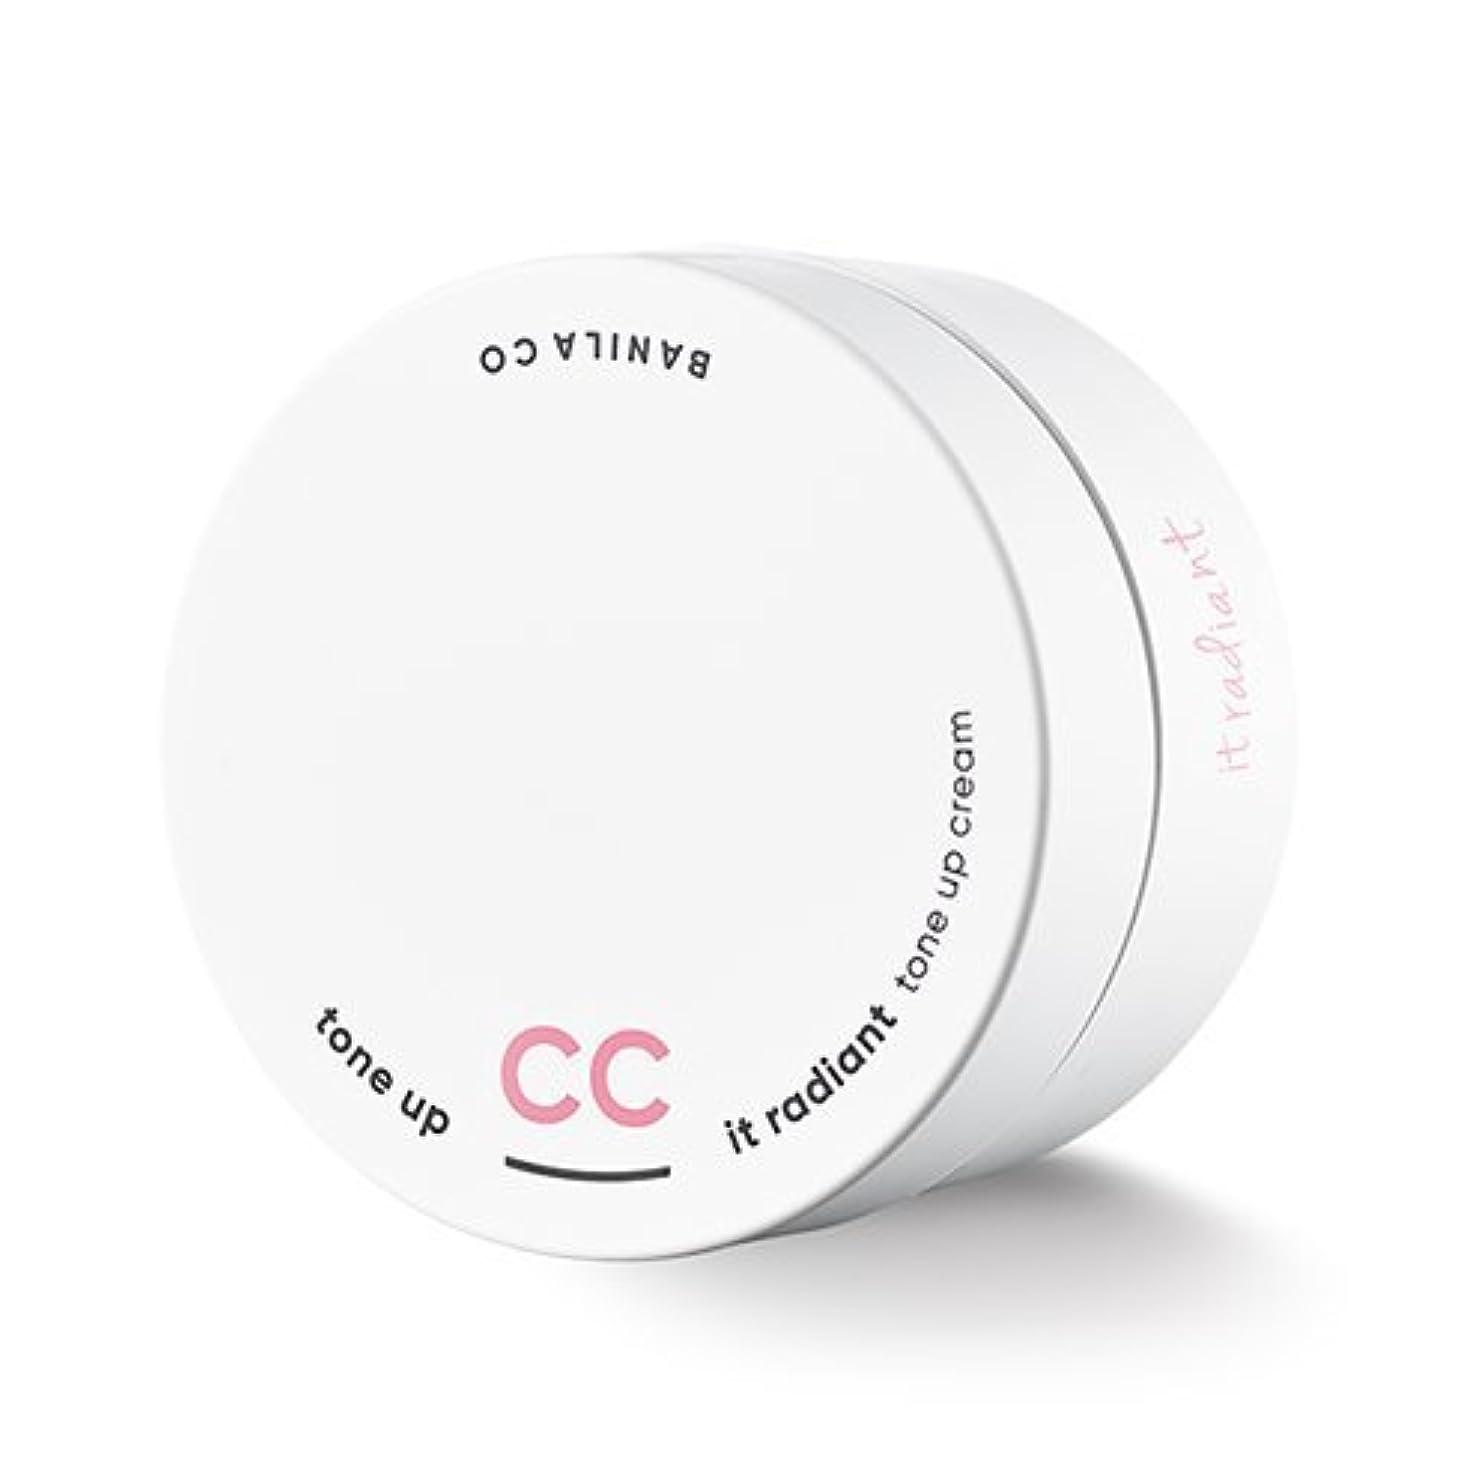 スコア検出する徹底BANILA CO It Radiant CC Tone Up Cream 50ml/バニラコ イット ラディアント CC トーンアップ クリーム 50ml [並行輸入品]